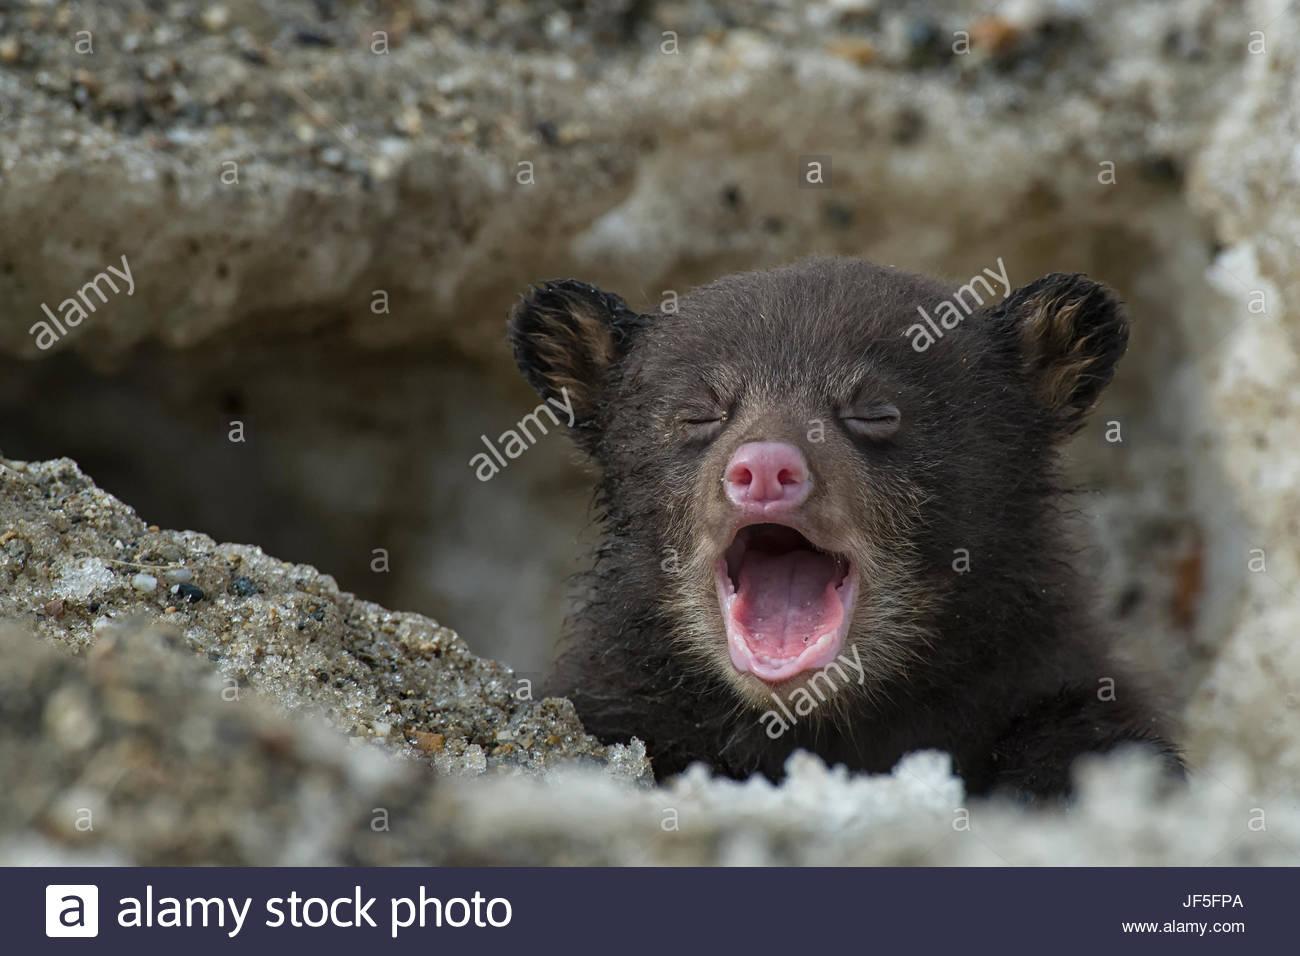 Eine Wochen alte Black Bear Cub Weinen wie es kommt aus seiner Höhle zum ersten Mal. Stockbild